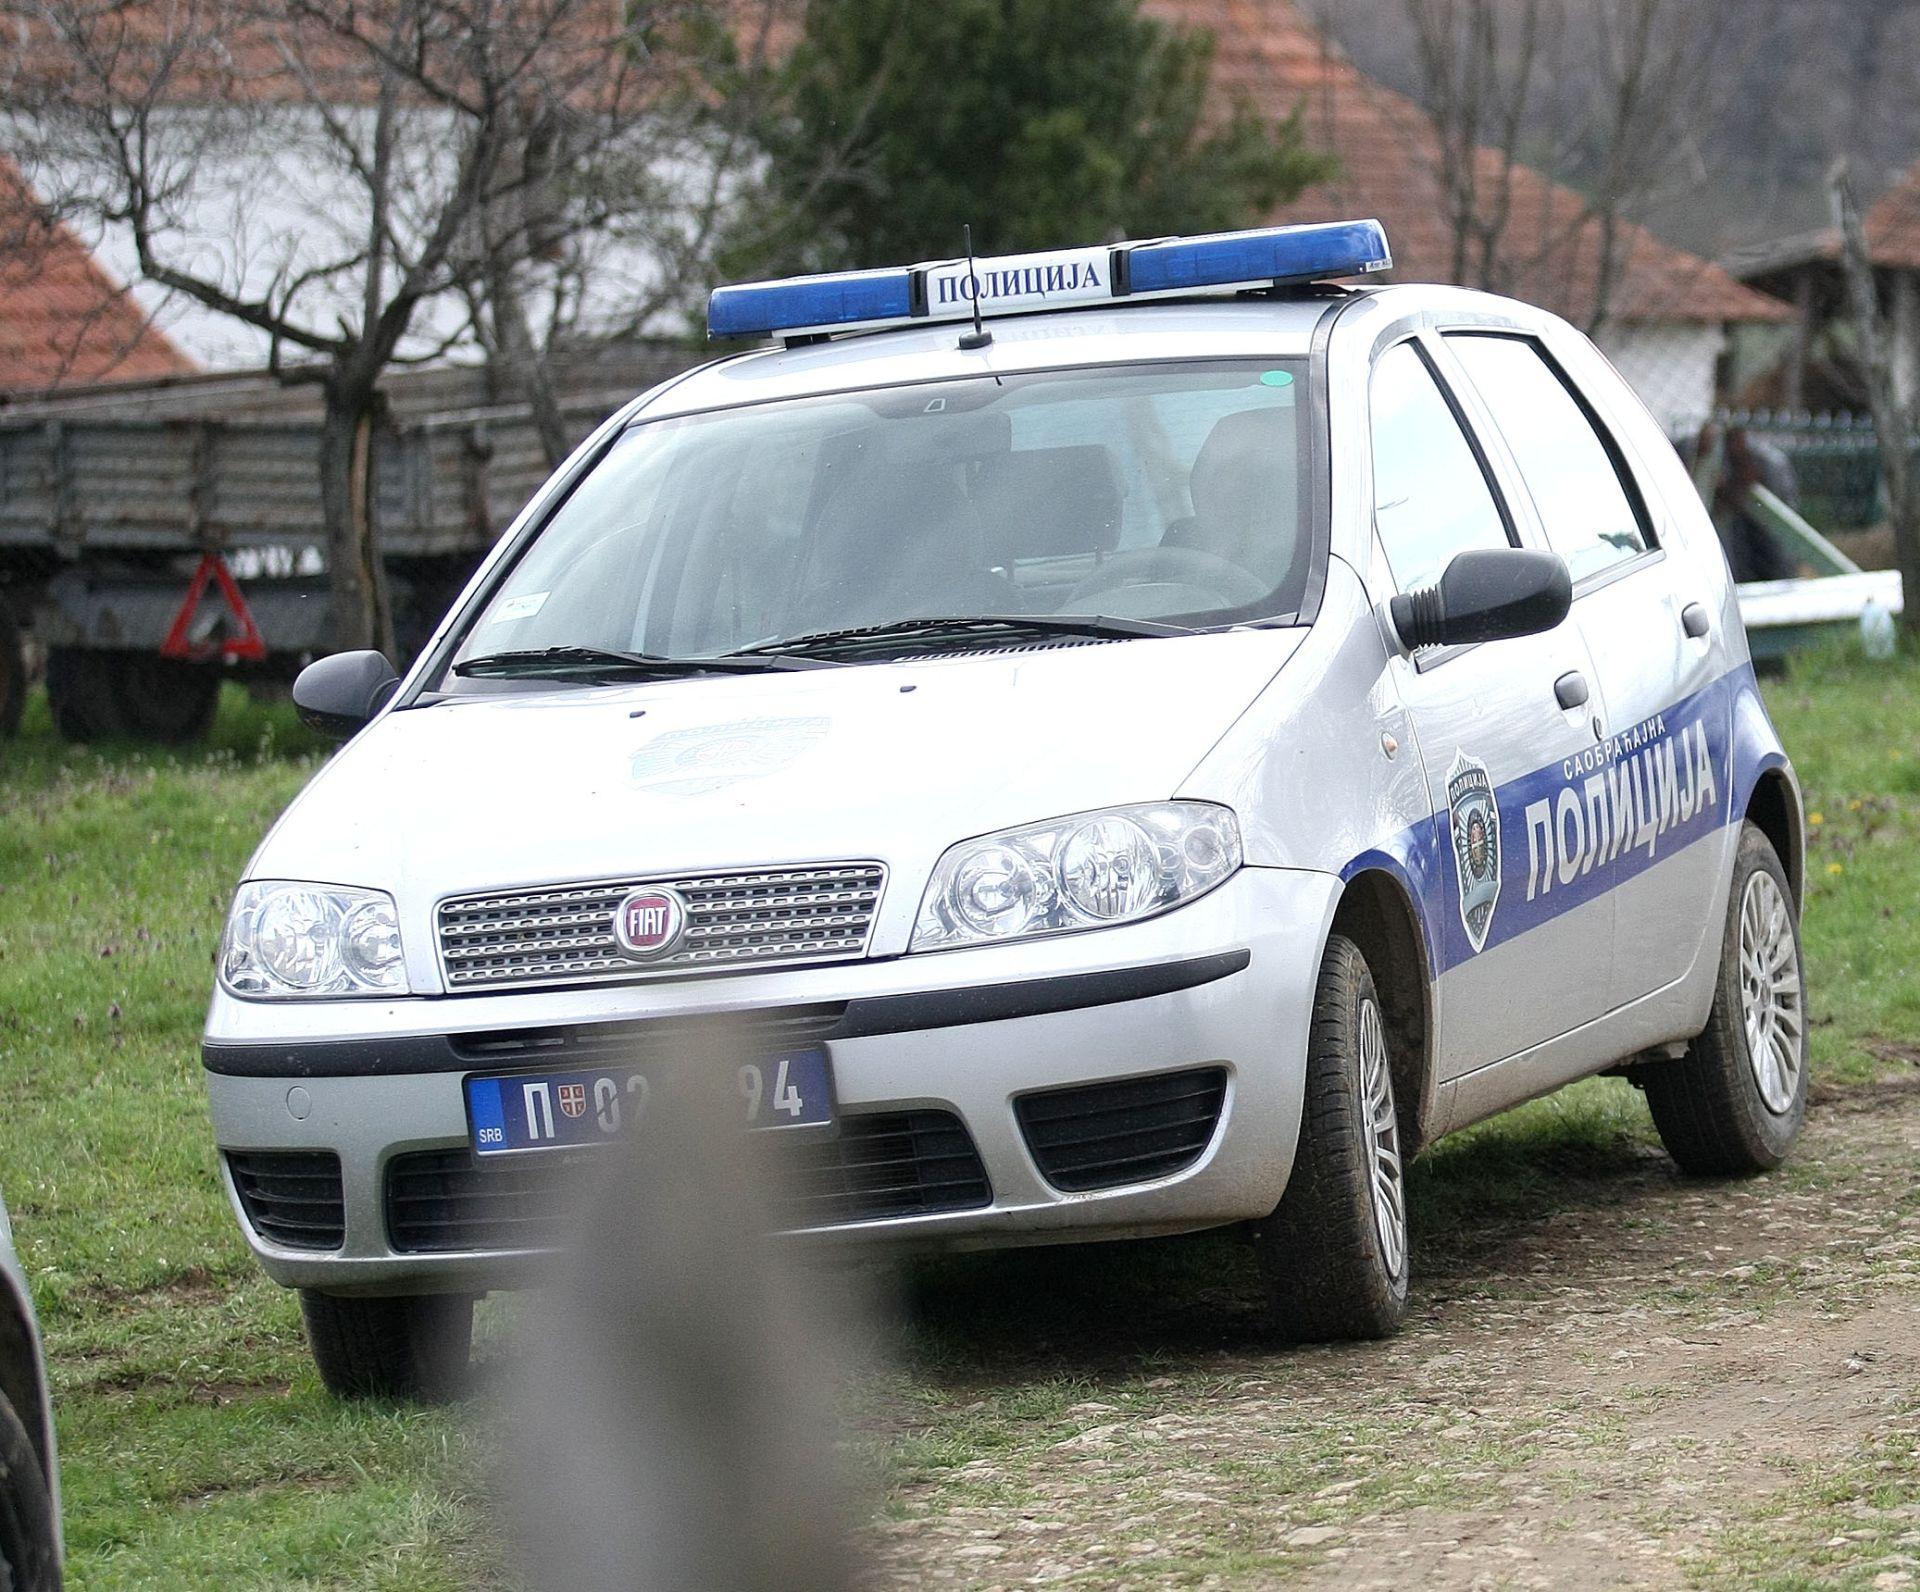 STRAVIČAN ZLOČIN U SRBIJI: Oteo, silovao a zatim ubio trogodišnjakinju